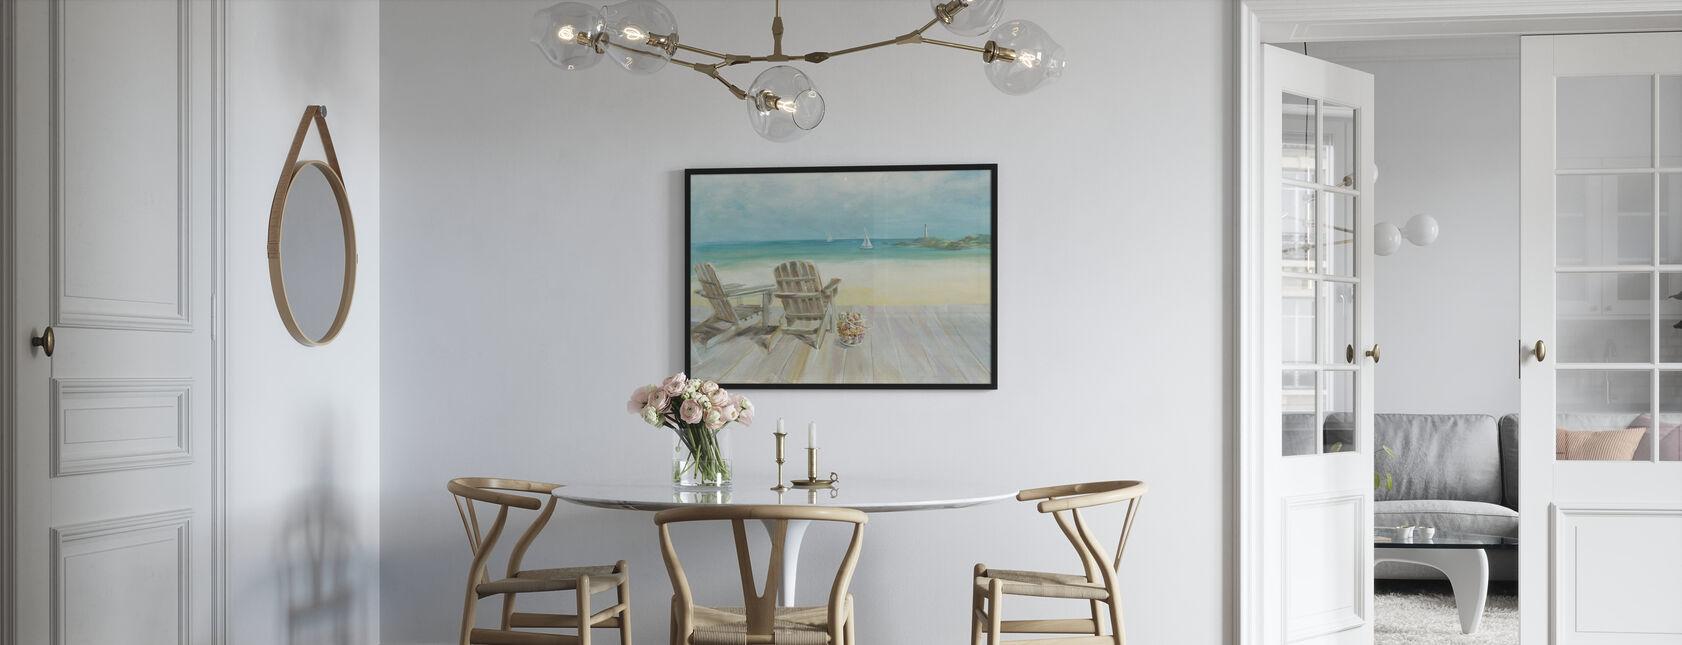 Uitzicht op de oceaan - Ingelijste print - Keuken